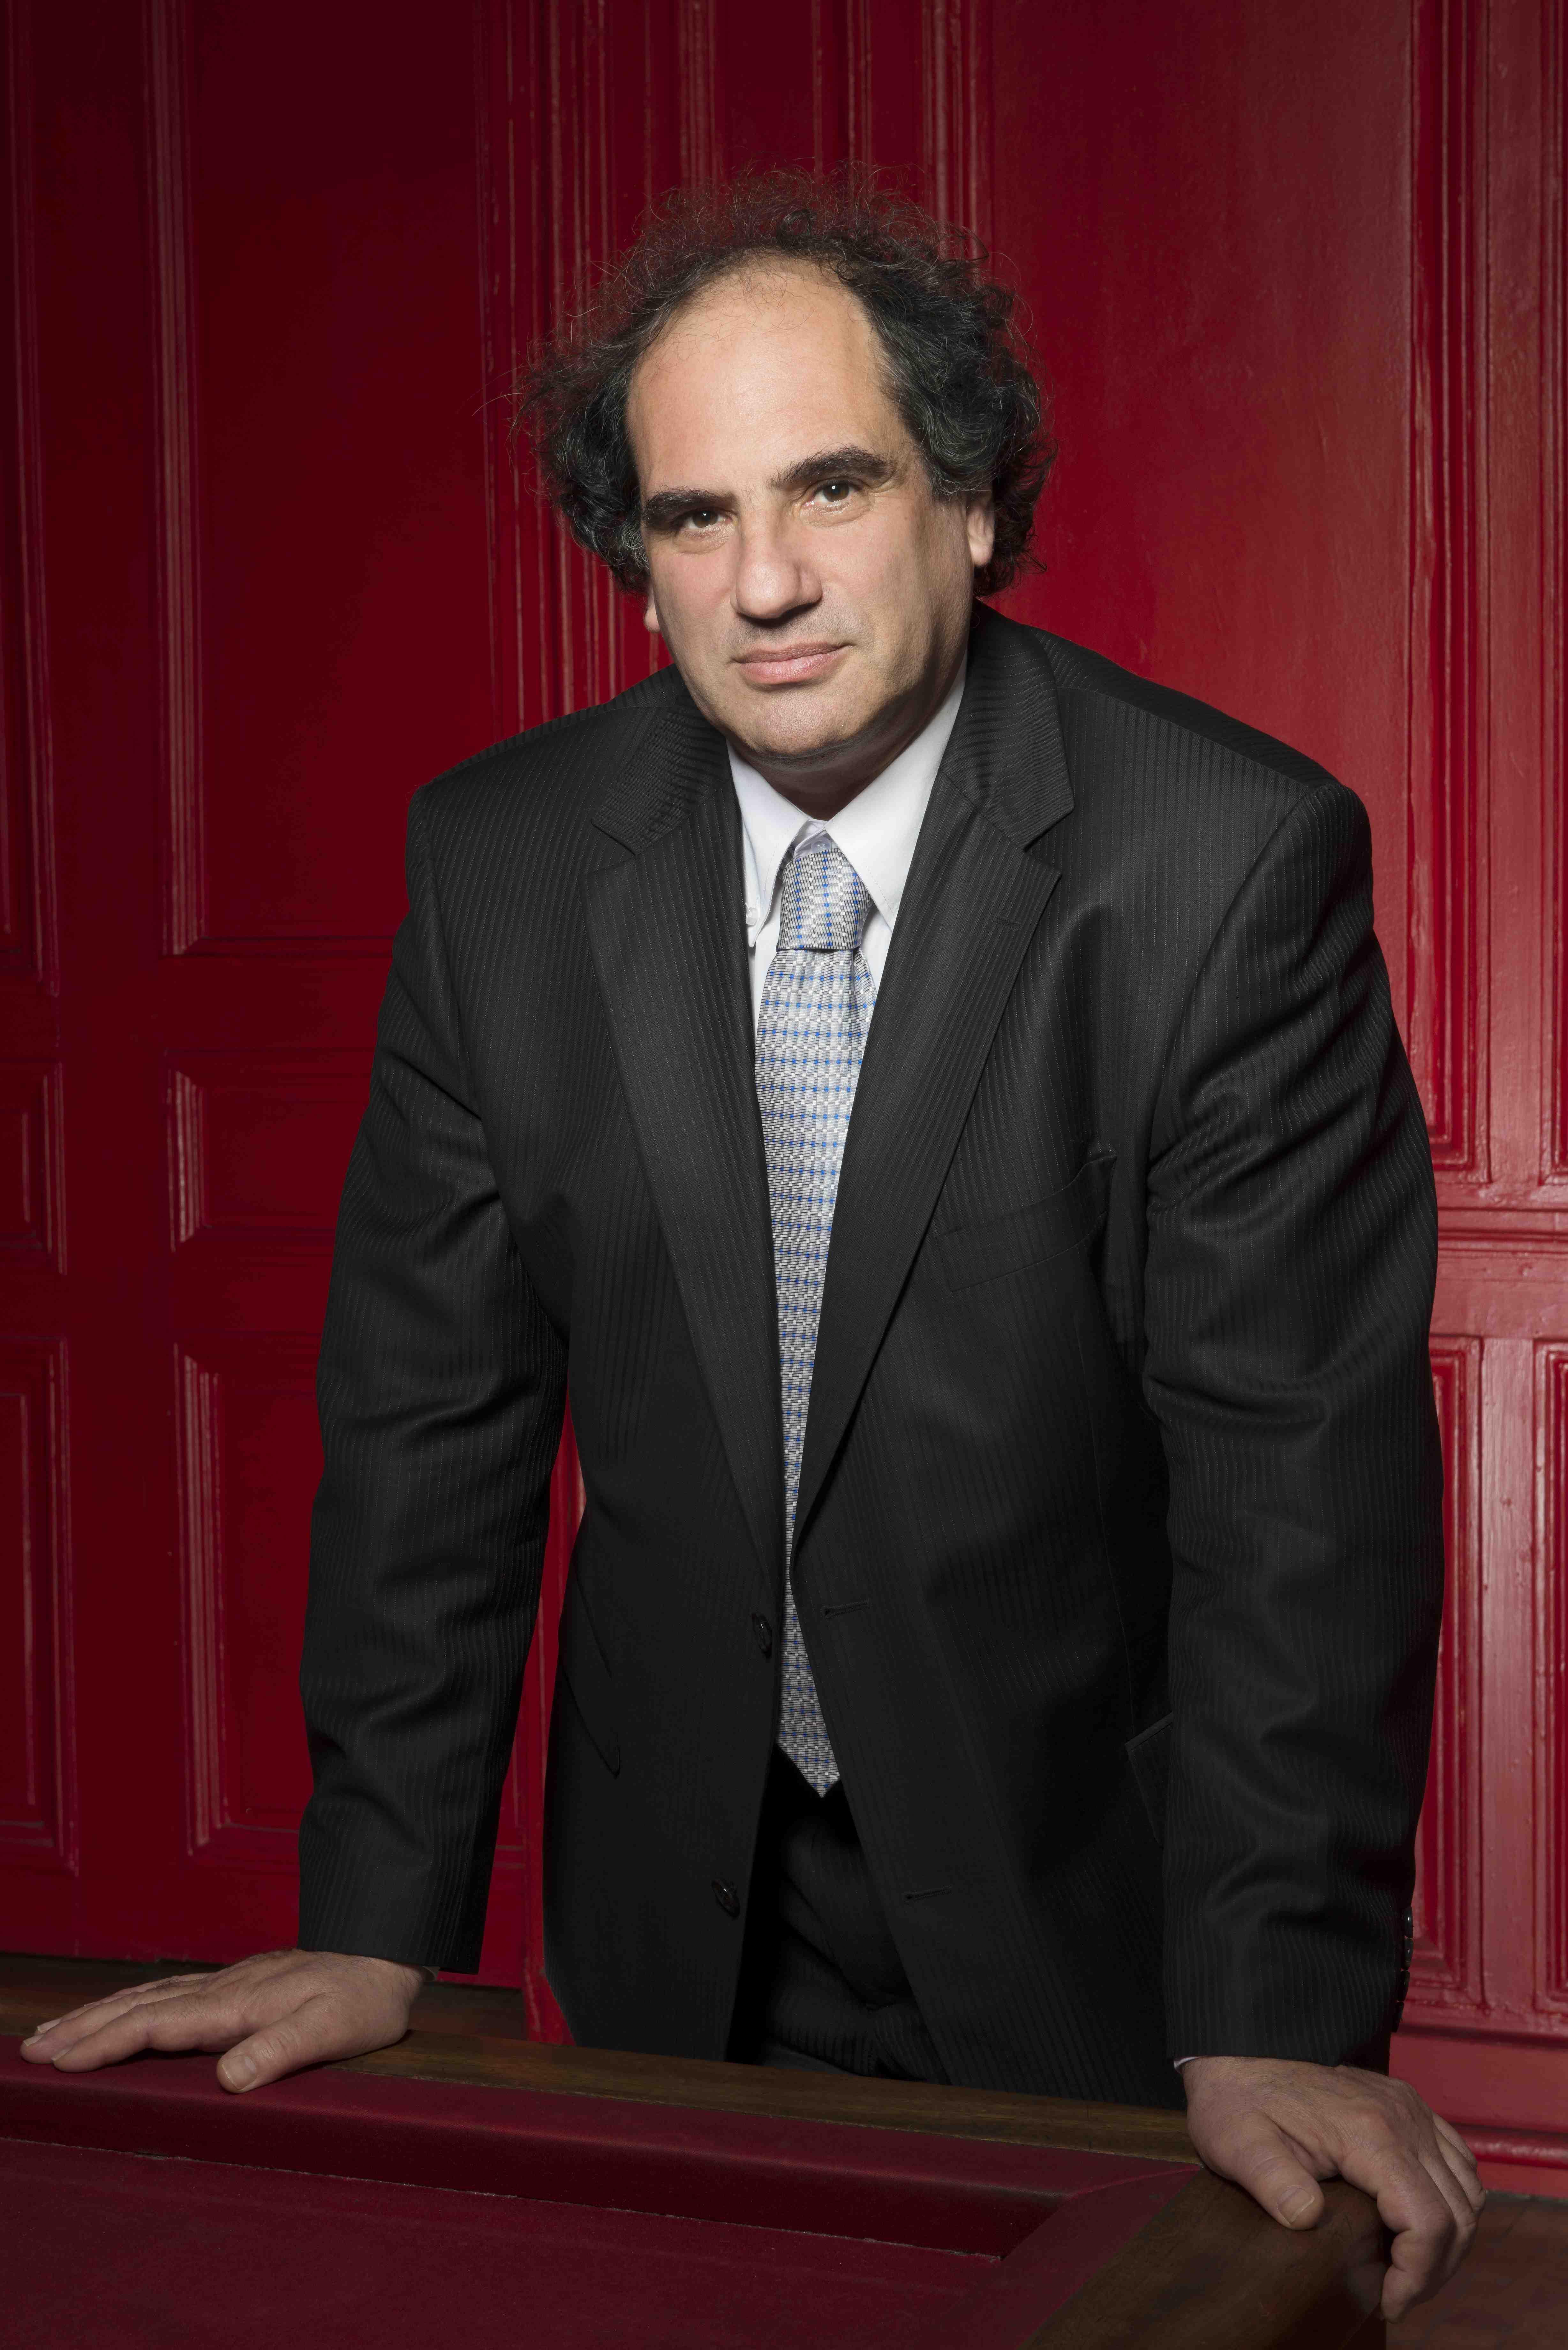 Depuis 22 ans, Philippe Gault était l'emblématique président du Sirti (Syndicat Interprofessionnel des Radios et des Télévisions Indépendantes) © Yves Bottalico